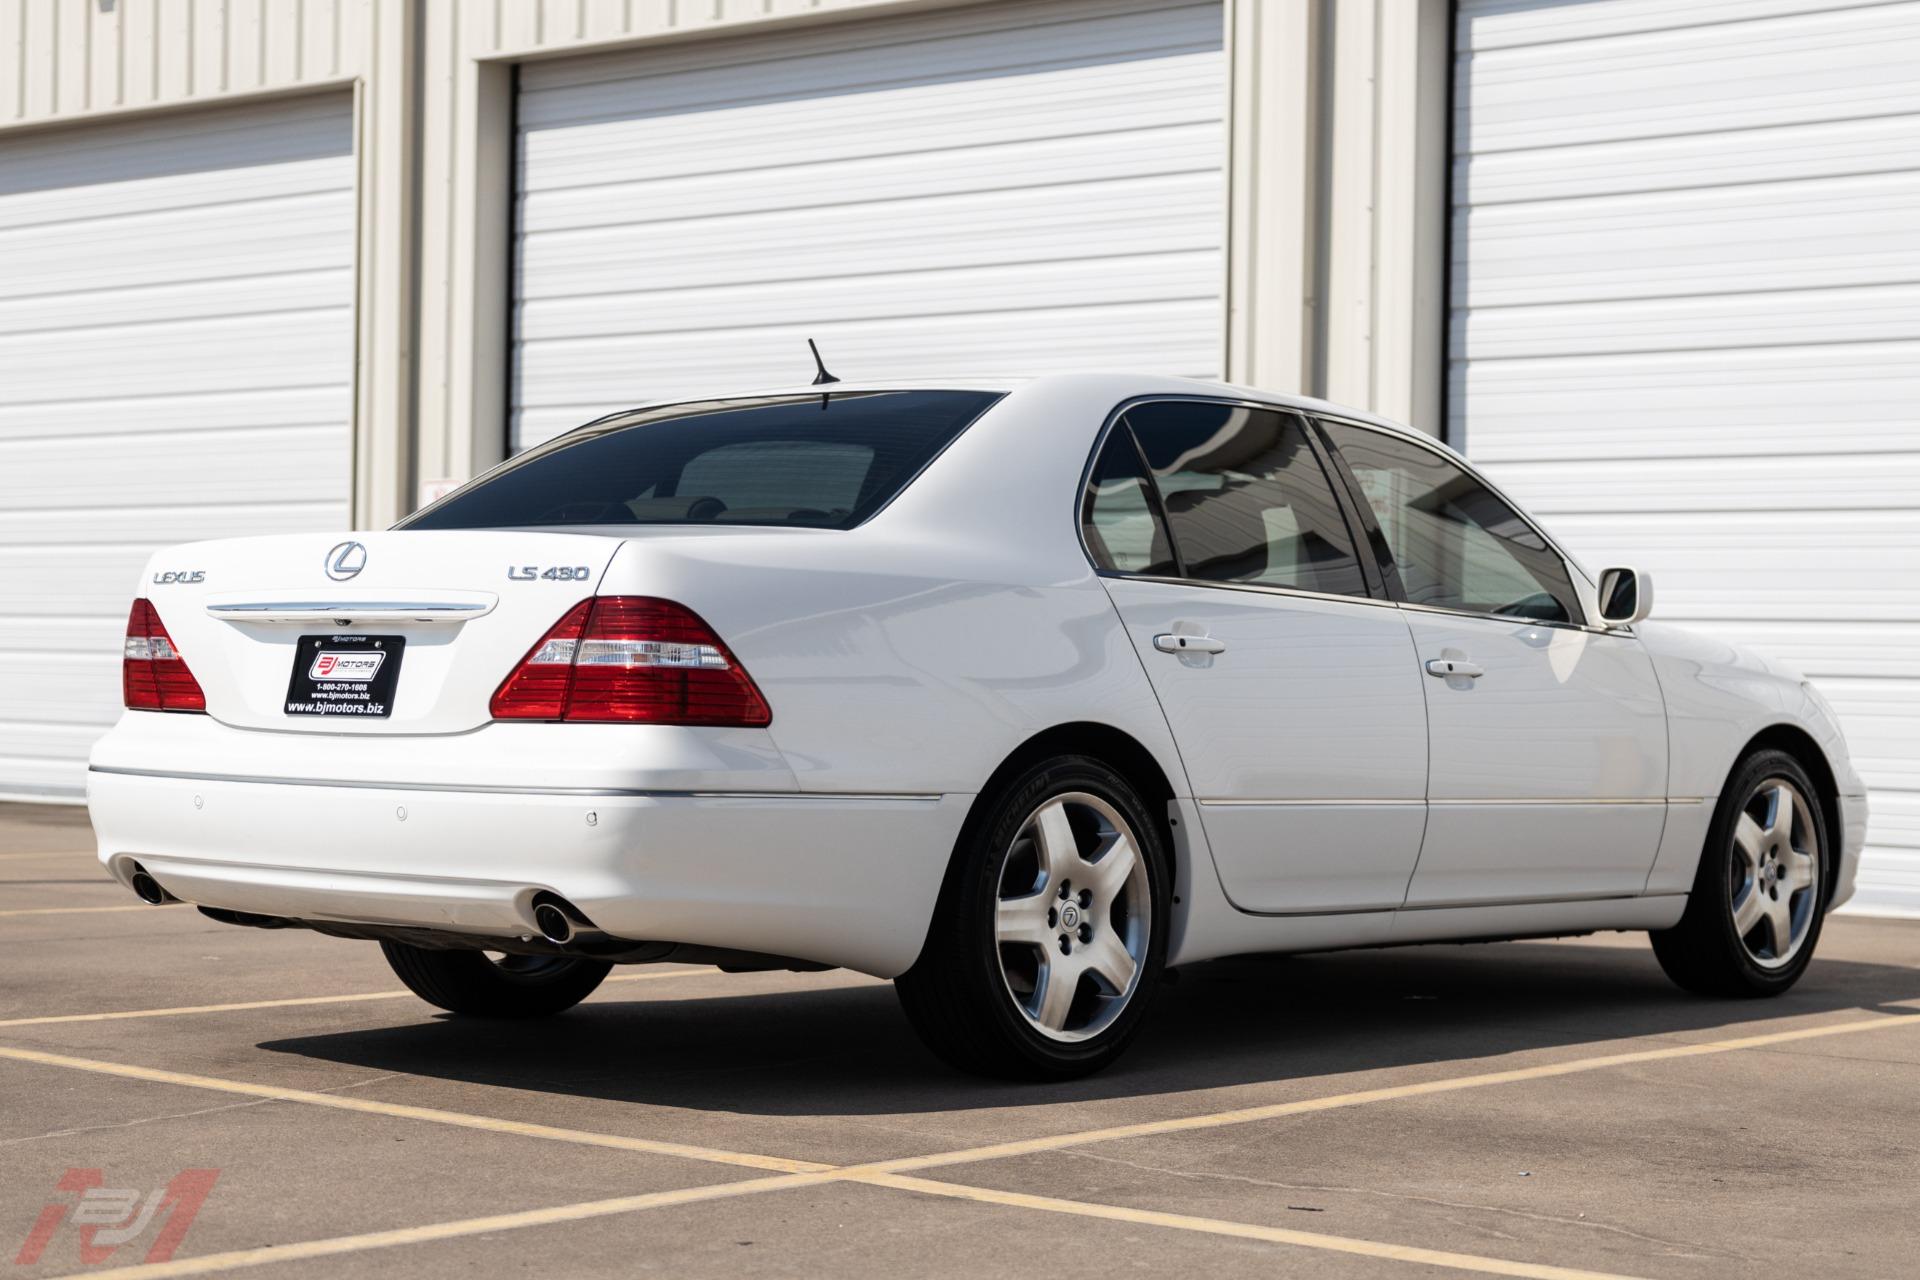 Used-2006-Lexus-LS-430